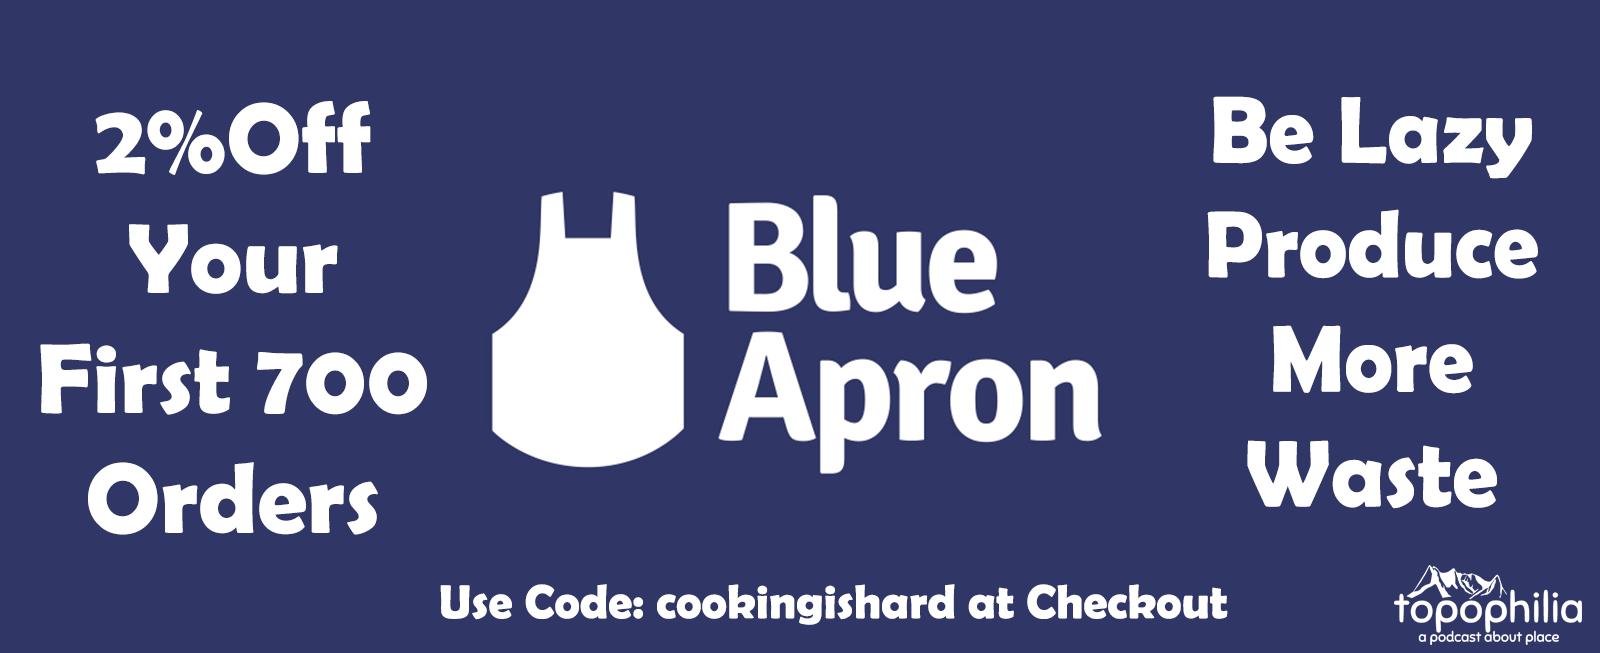 Thanks to Blue Apron!